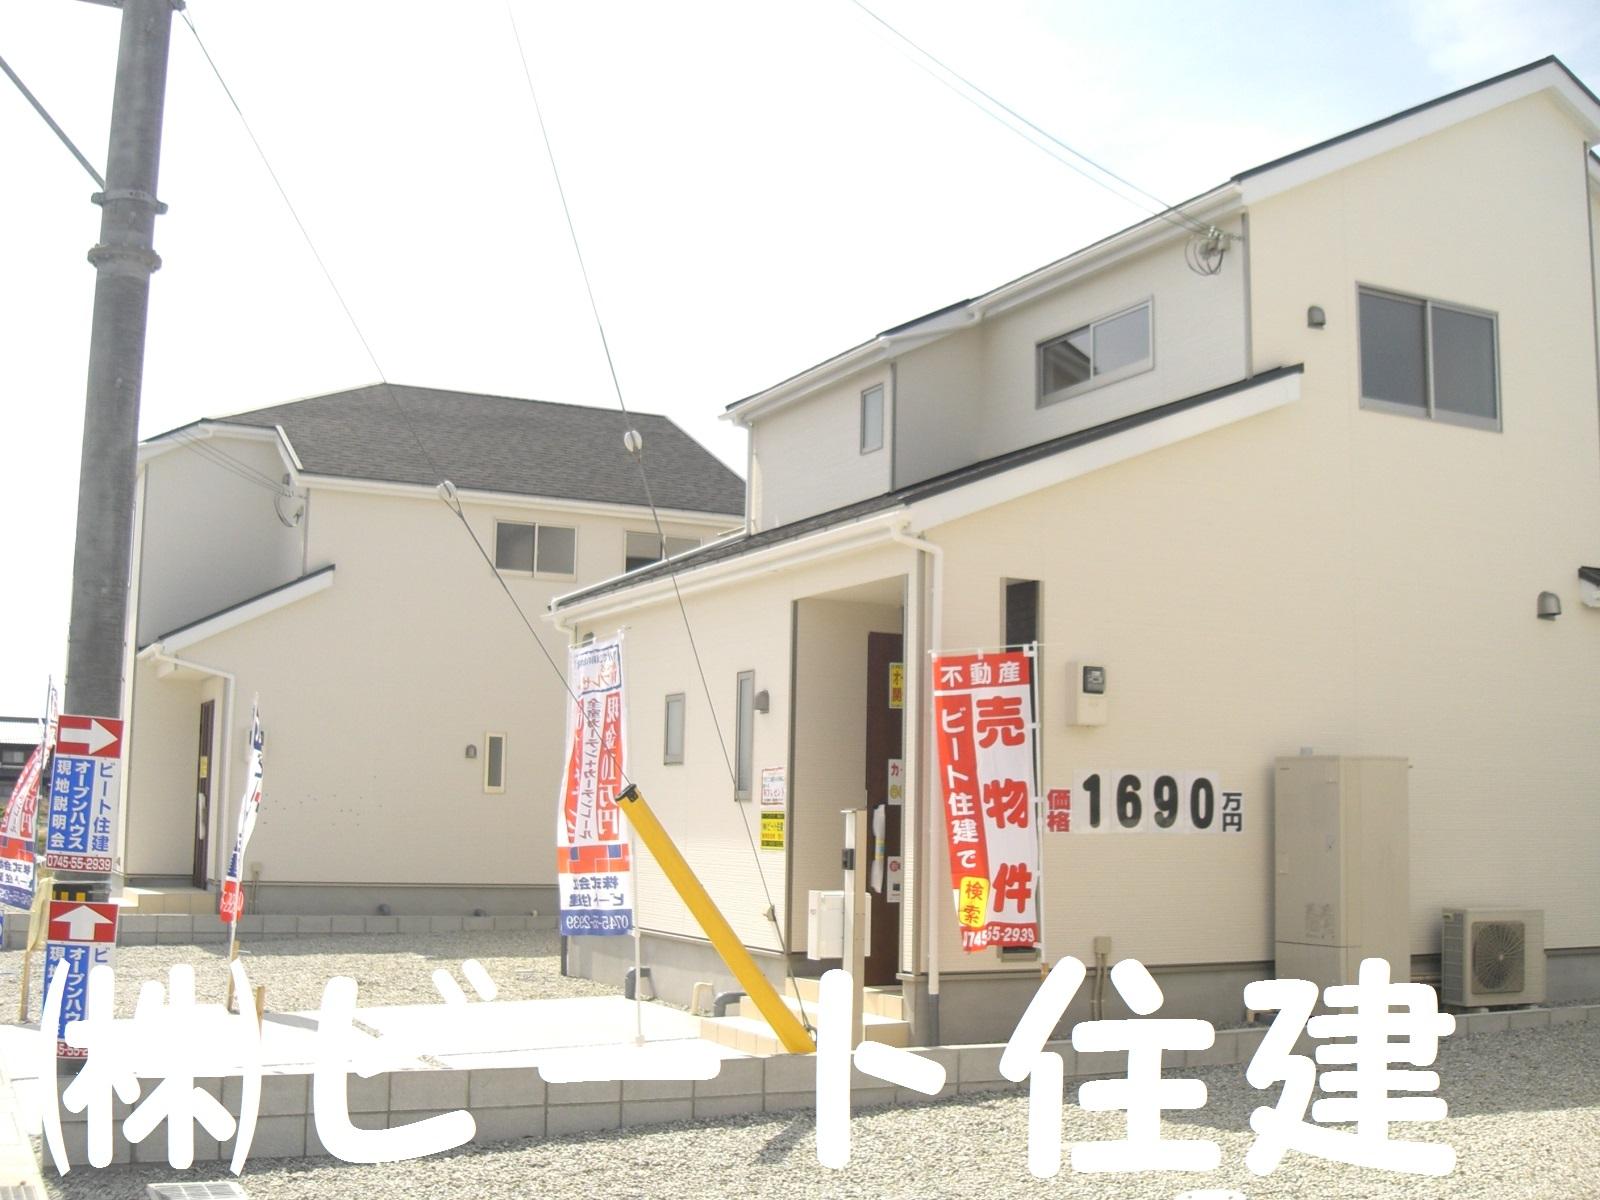 三吉 斉音寺 新築 1690万円